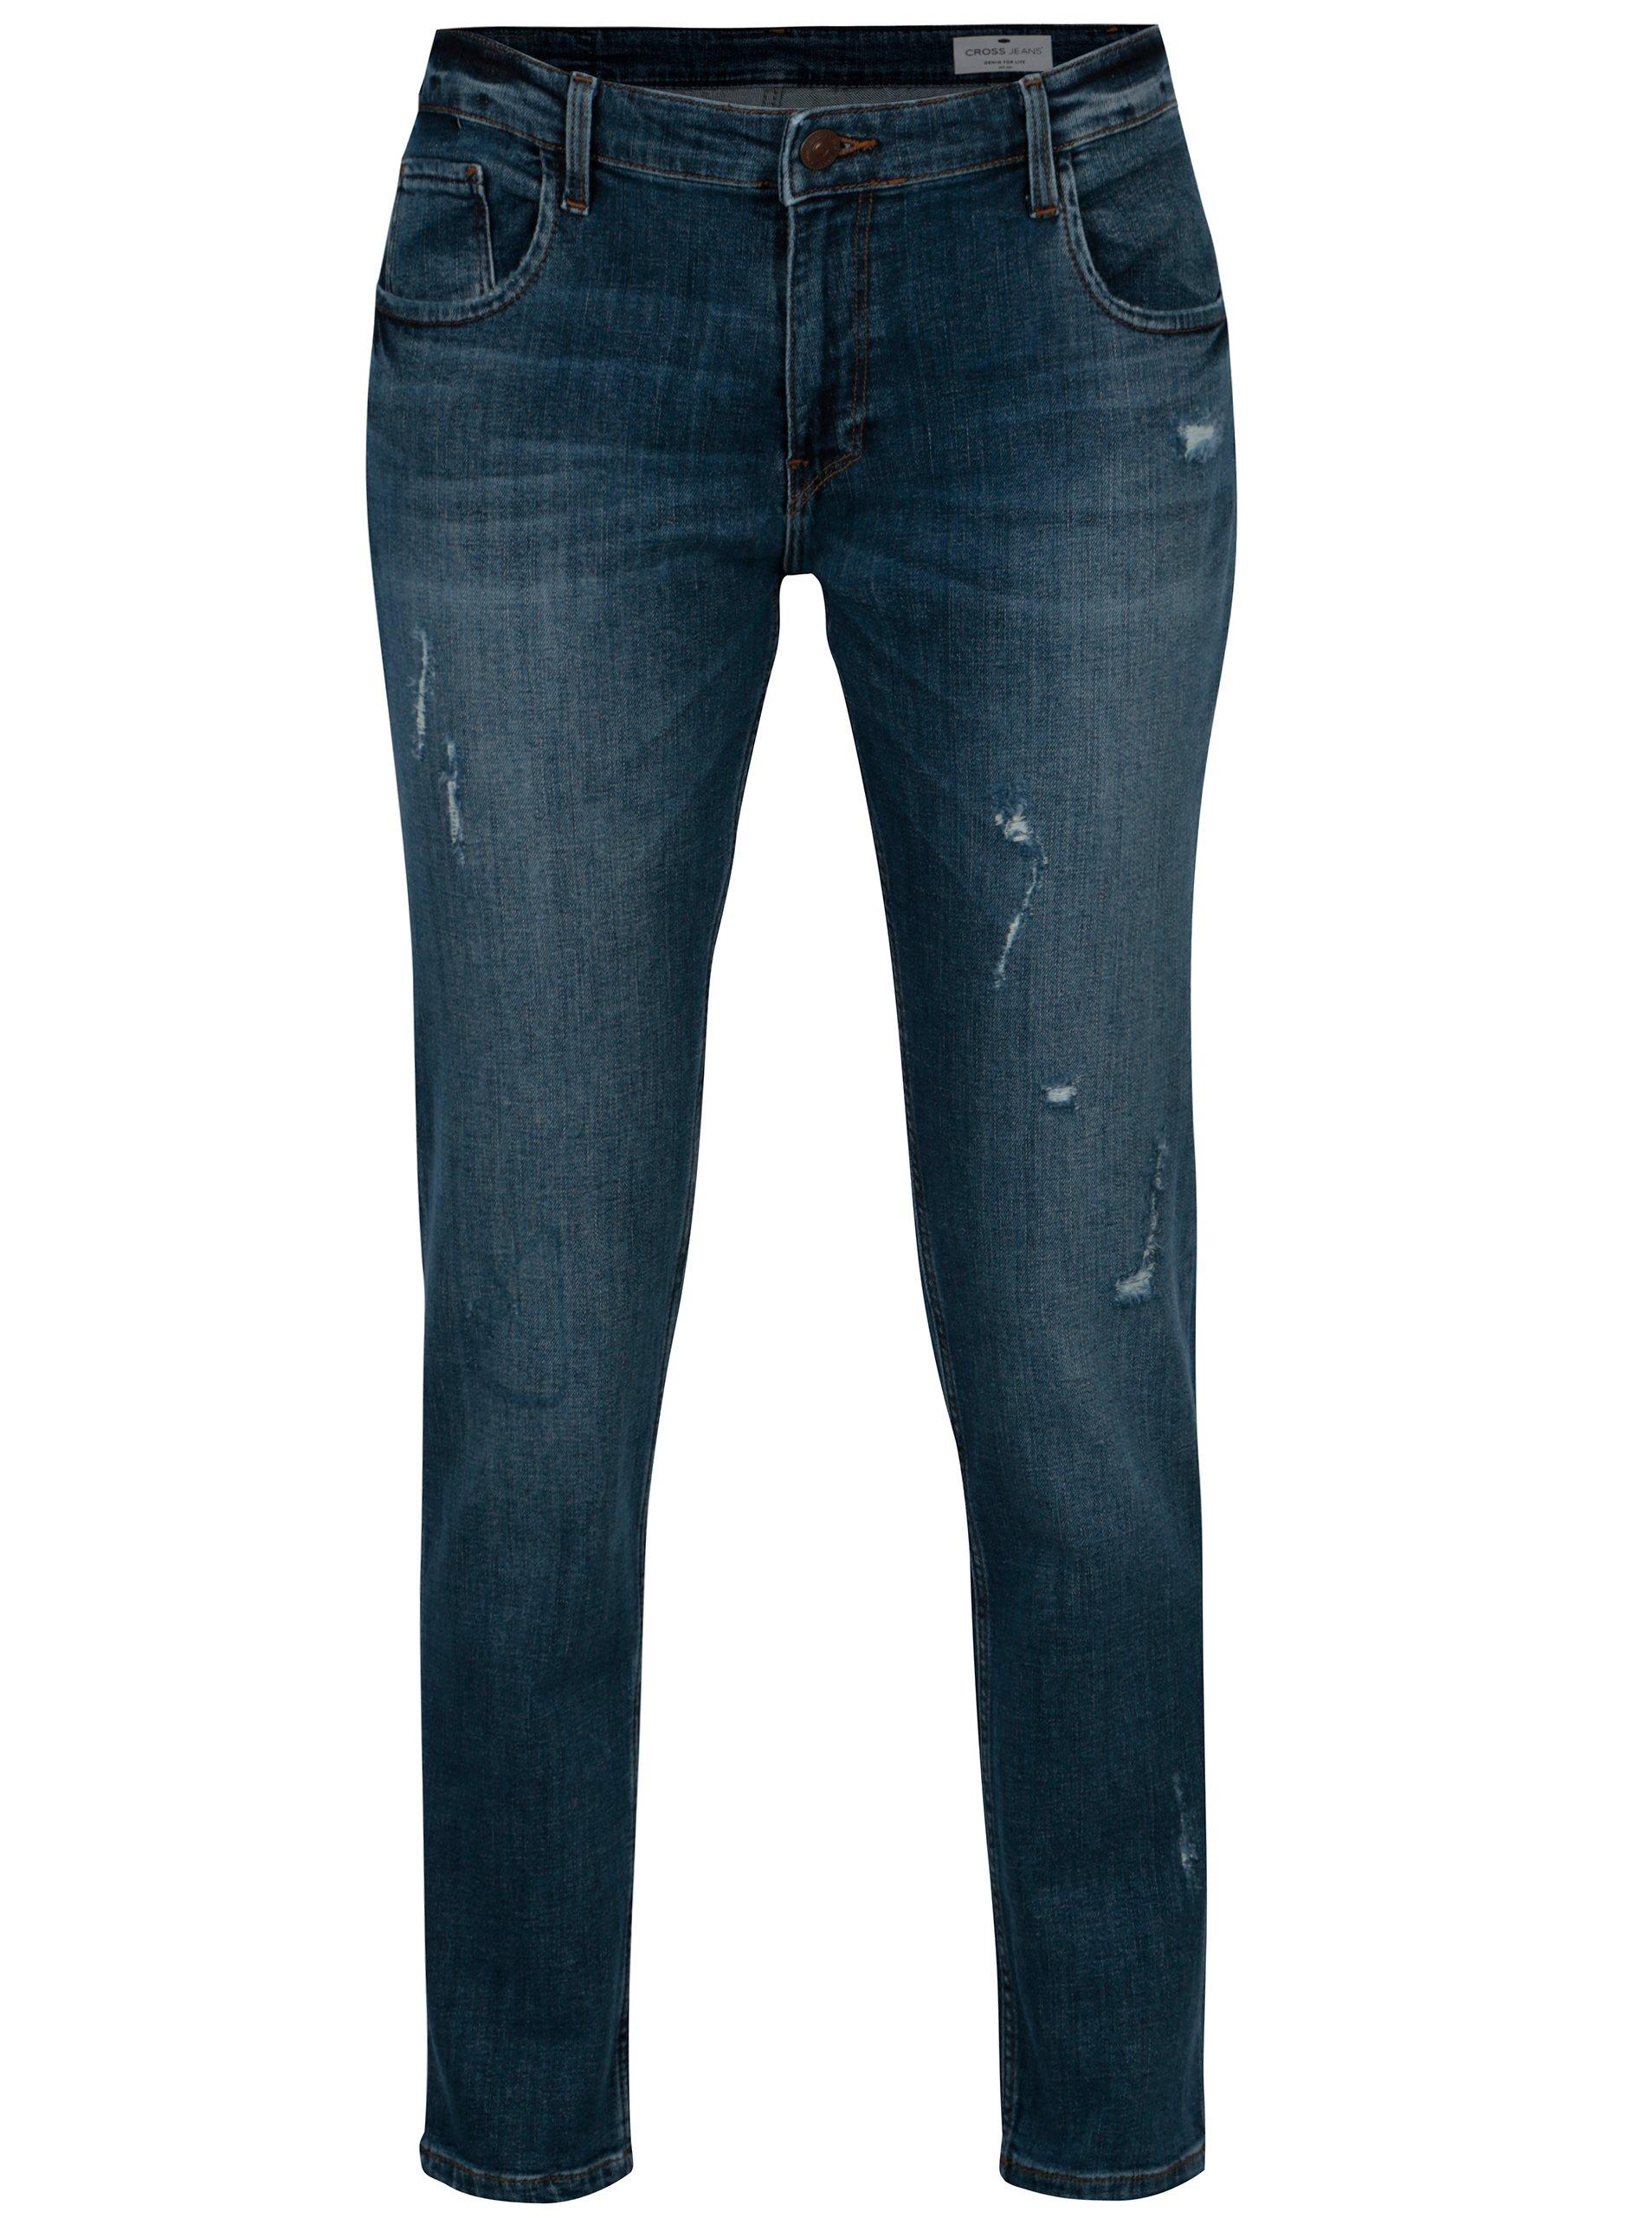 0ca2f7218d8 Tmavě modré sraight dámské džíny Cross Jeans